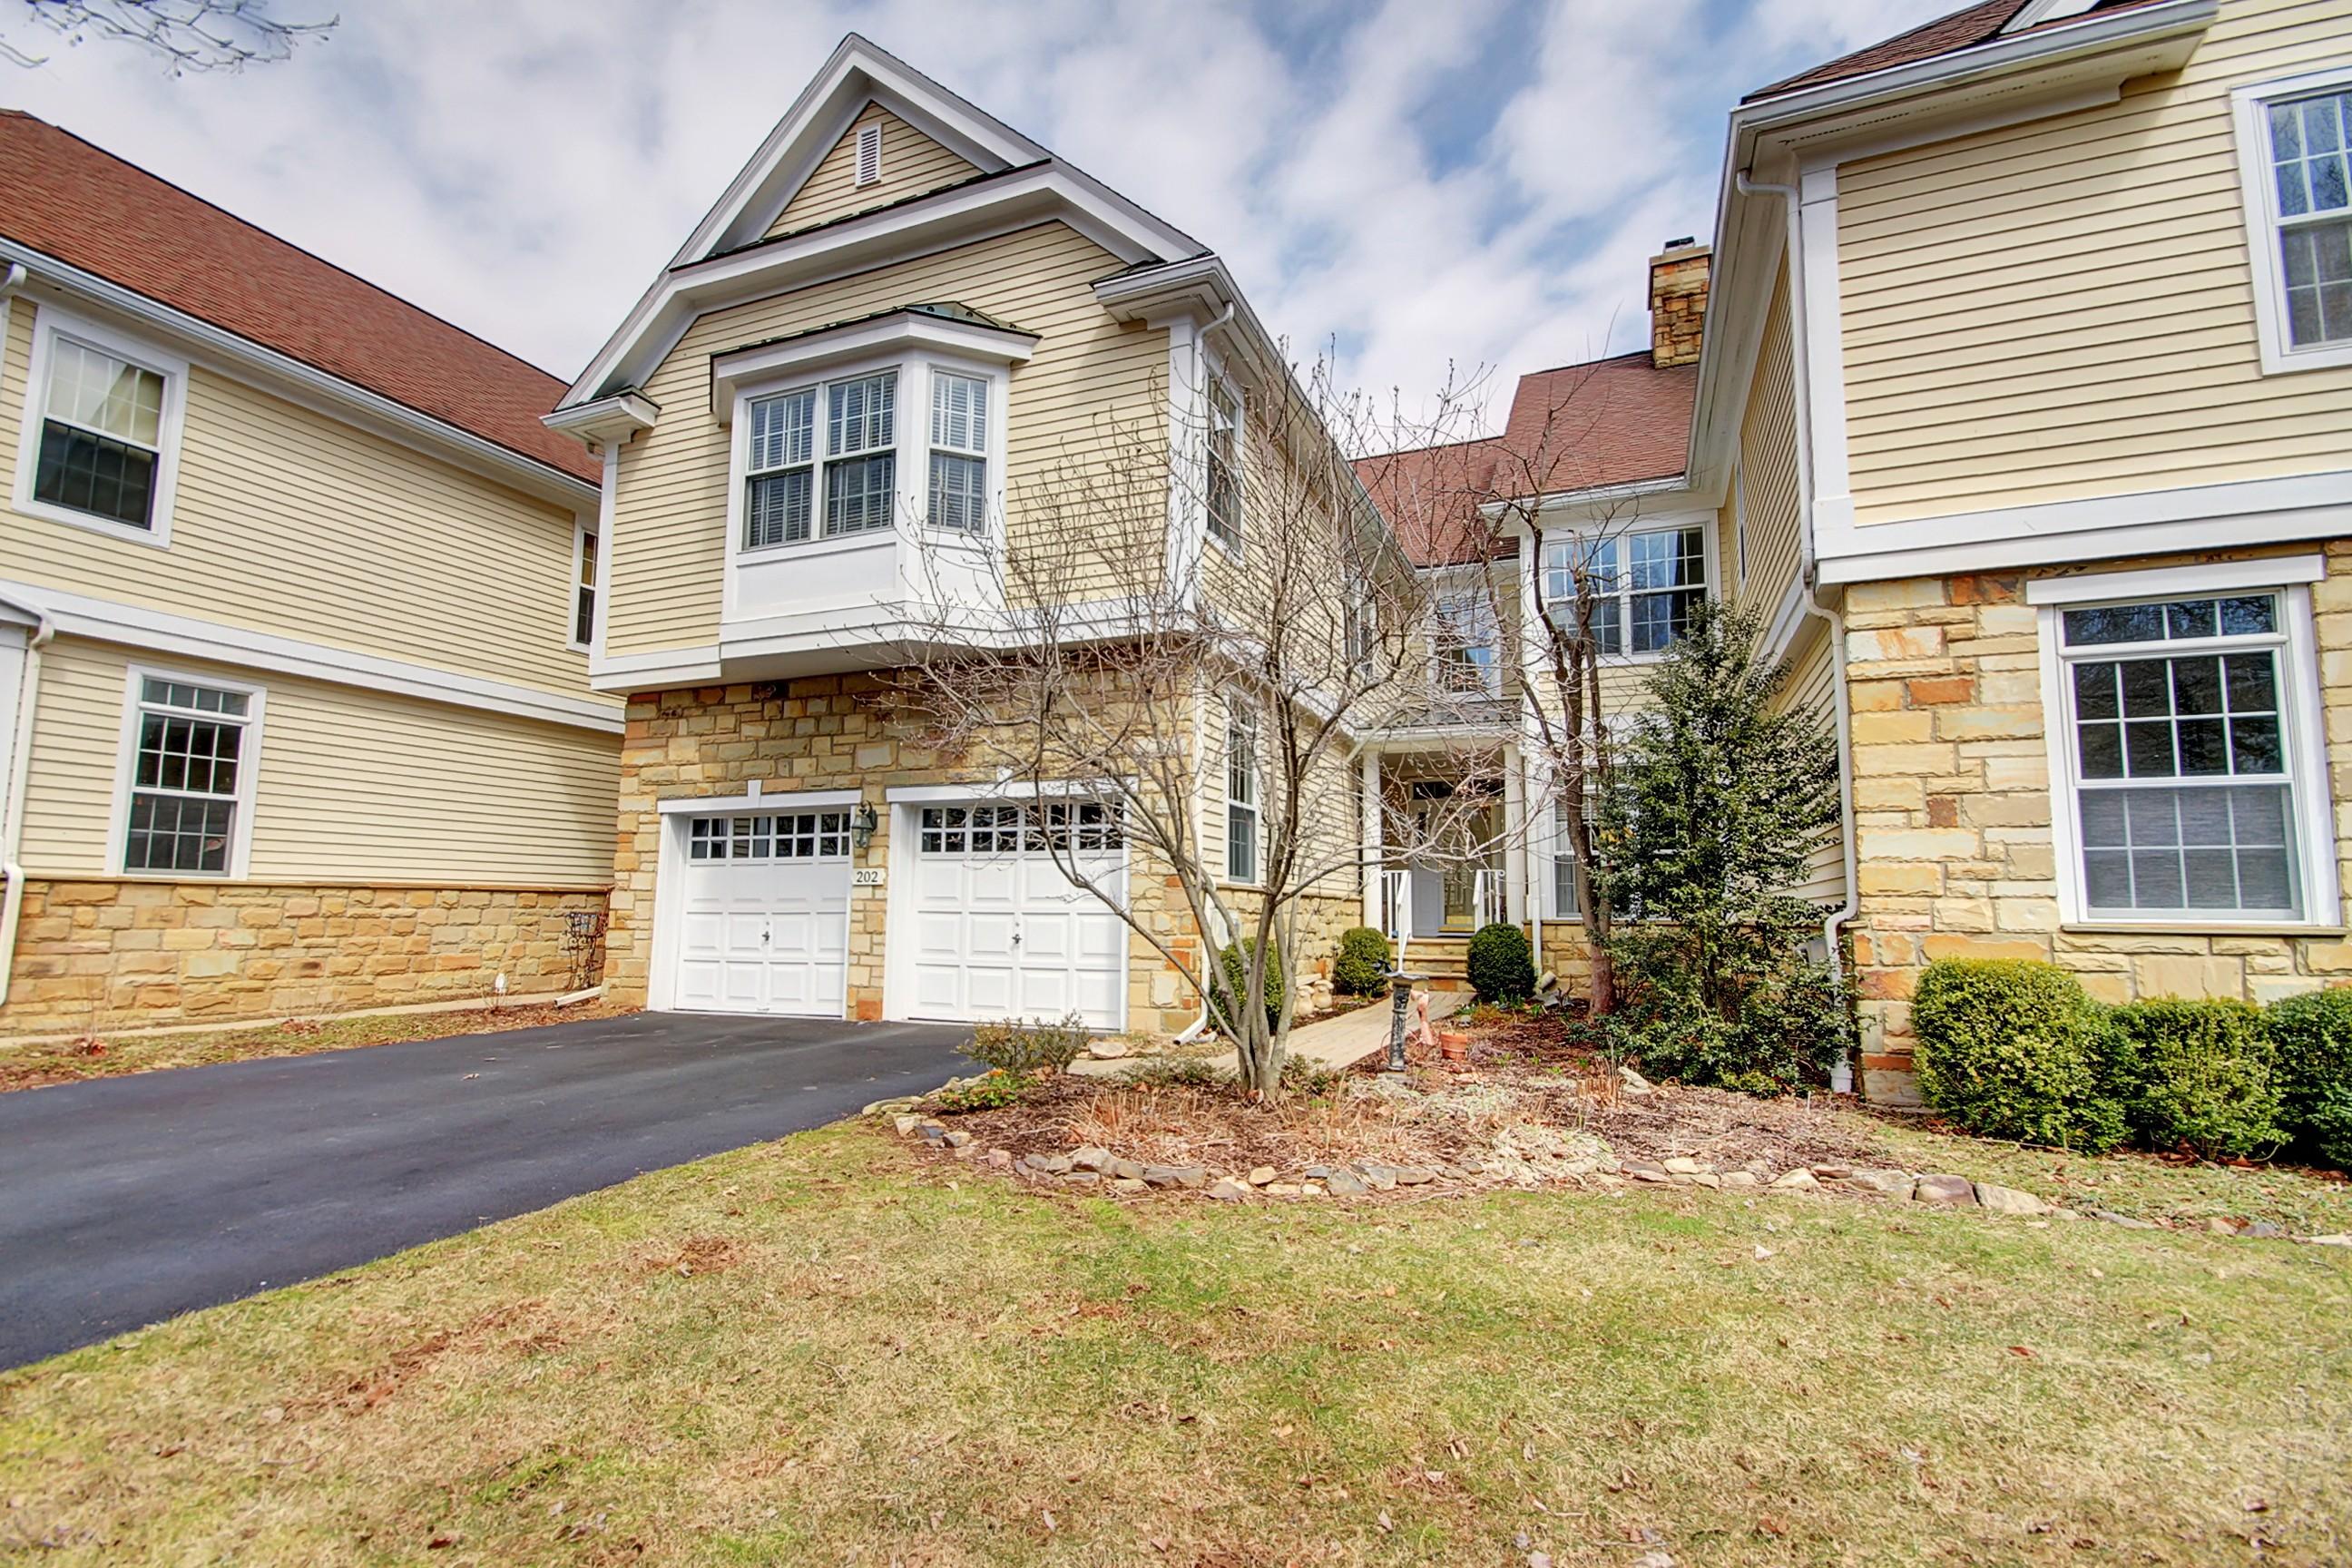 Stadthaus für Verkauf beim Immaculate Lamington Falls Townhome 202 Lindabury Lane Tewksbury Township, New Jersey 07830 Vereinigte Staaten